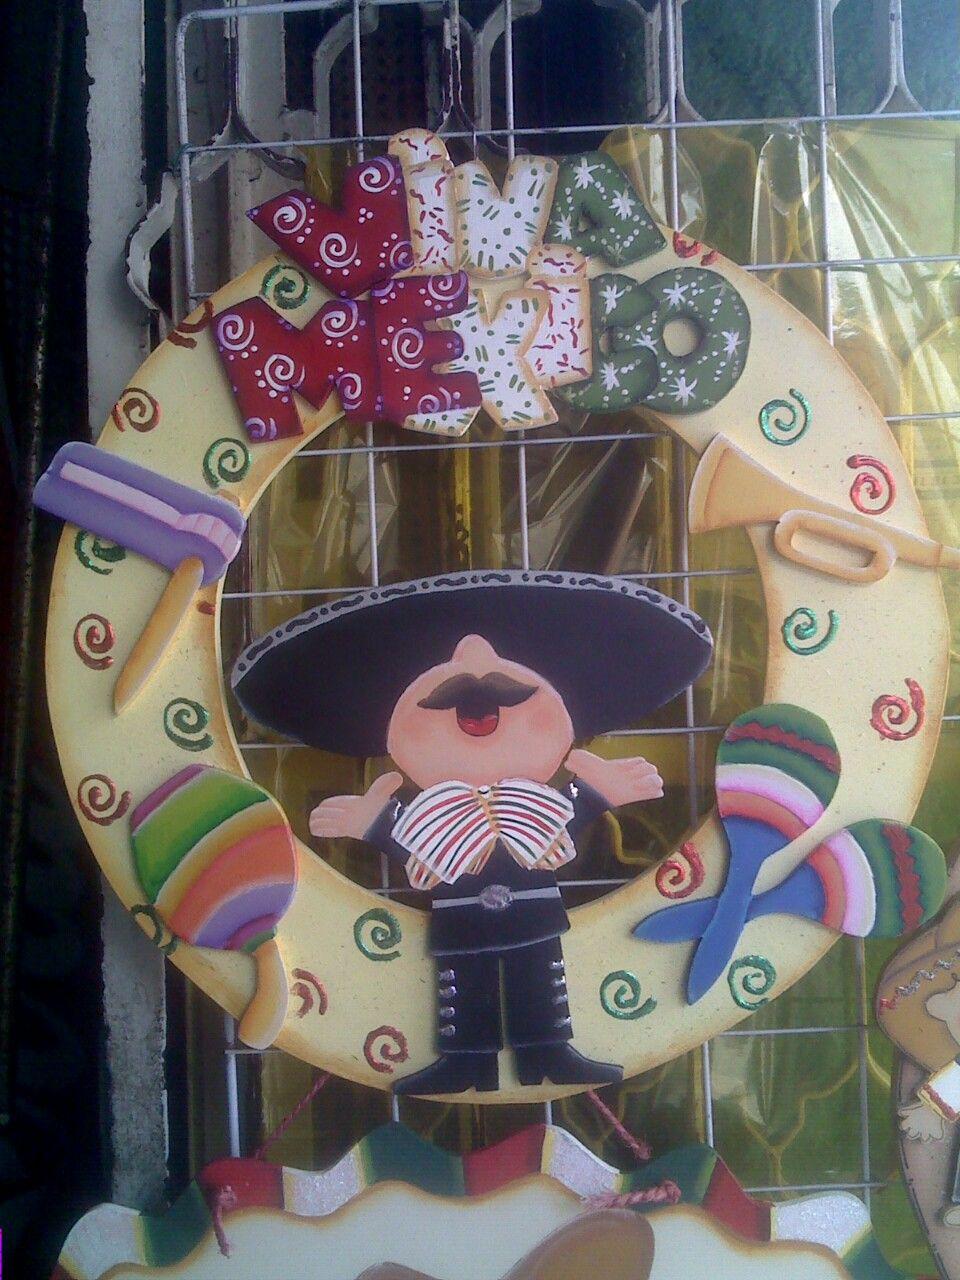 Viva mexico fiestas patria m xico mexican party for Puertas decoradas para el 16 de septiembre